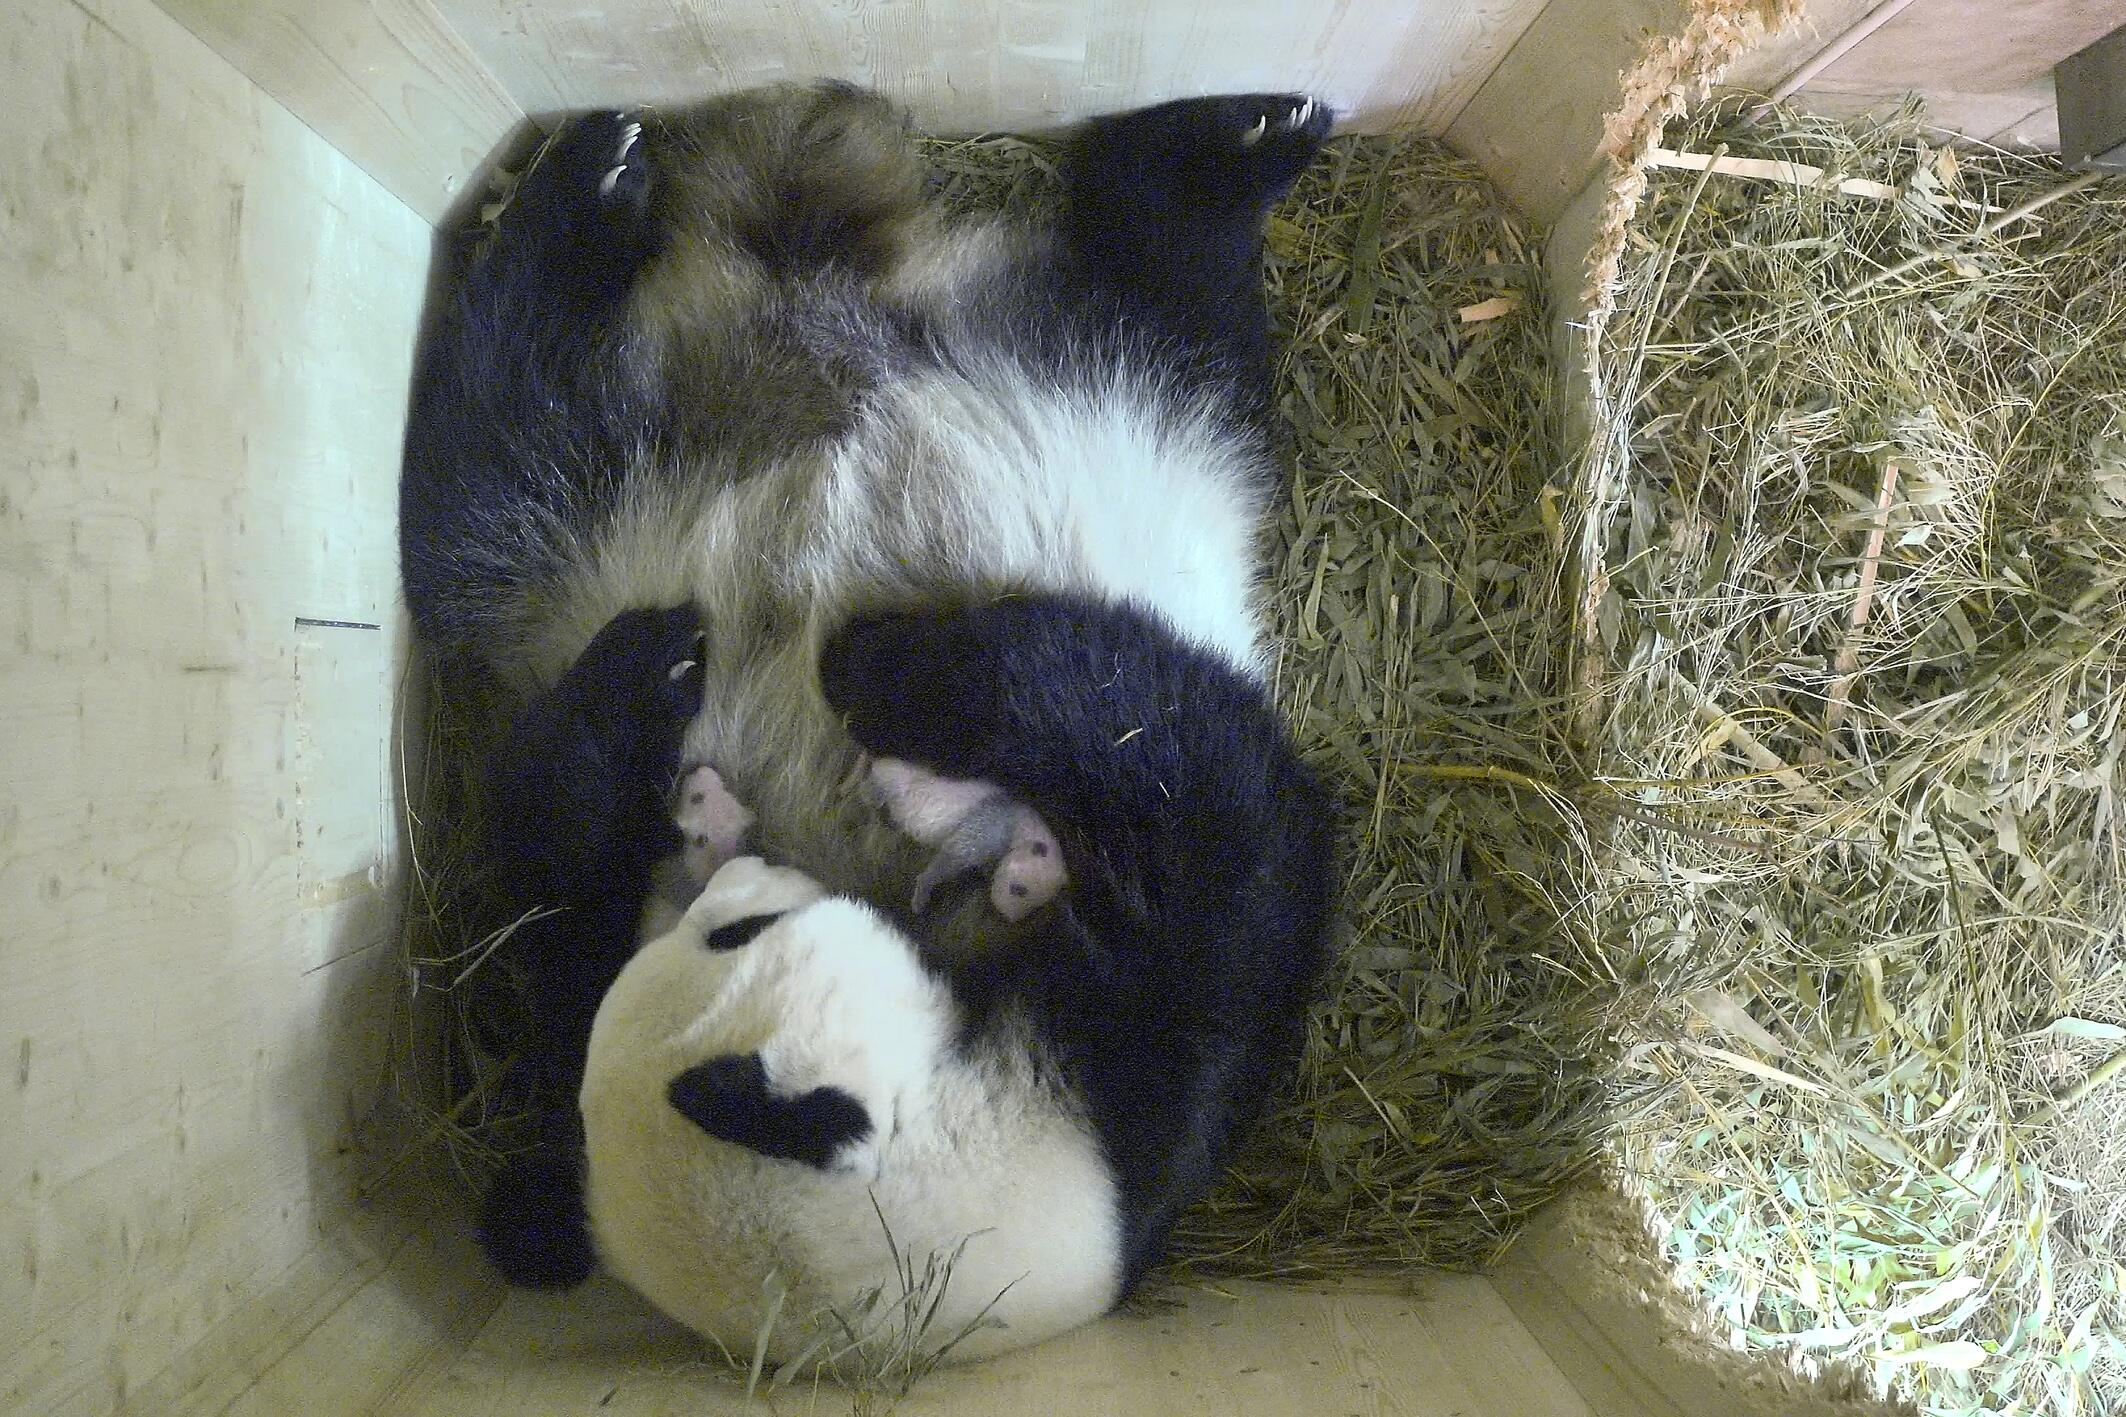 Bild zu Panda, Zwillingen, Schönbrunn, Tiergarten, Großer Panda